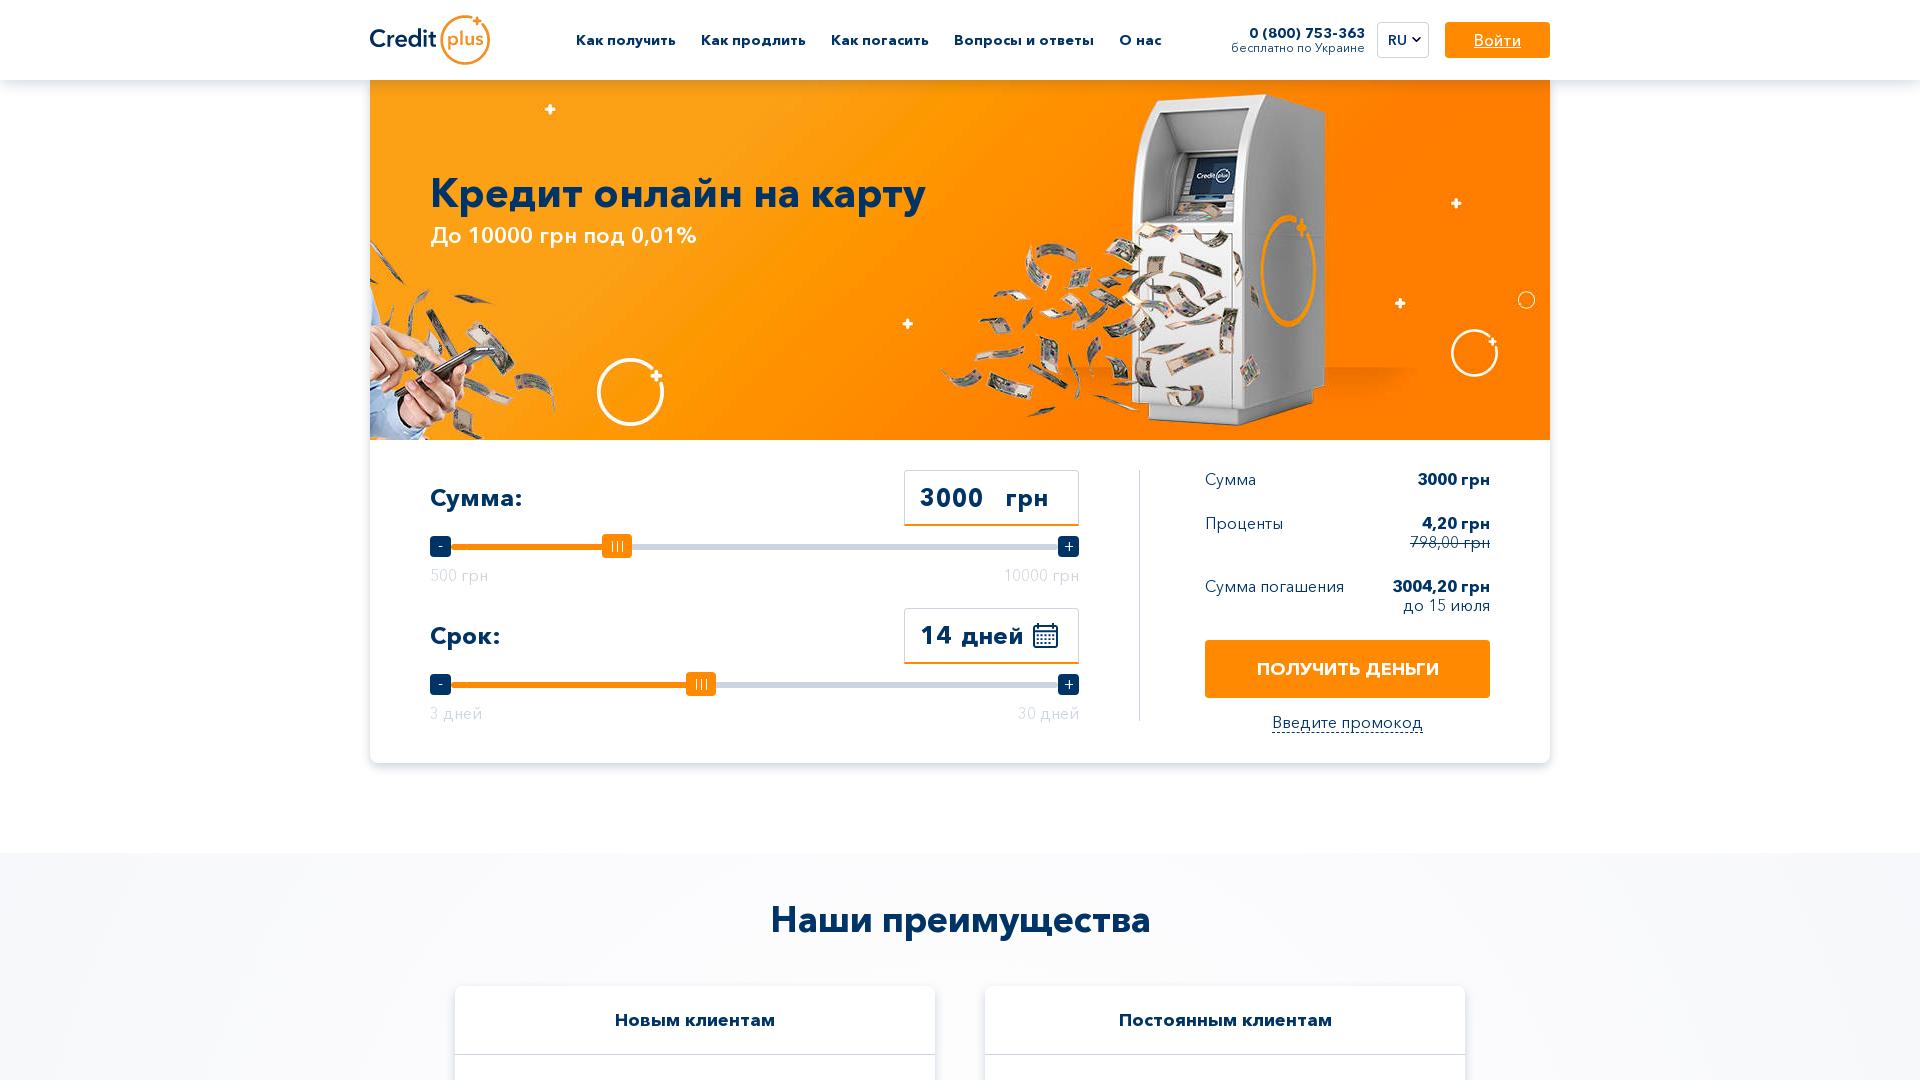 CreditPlus [CPS] UA website